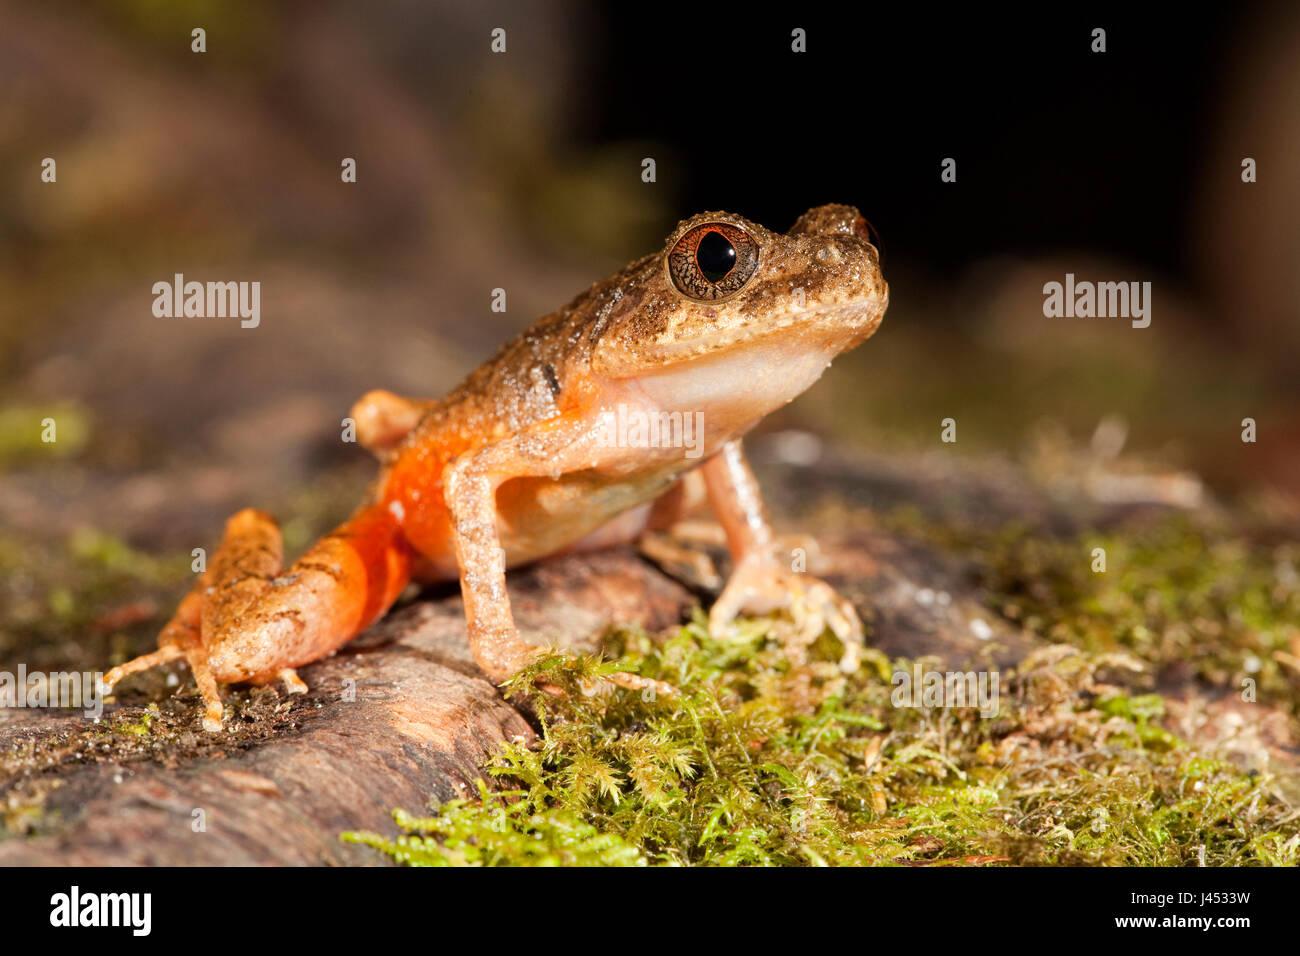 Foto van een Kinabalu slender litter frog; photo of a Kinabalu slender litter frog; - Stock Image